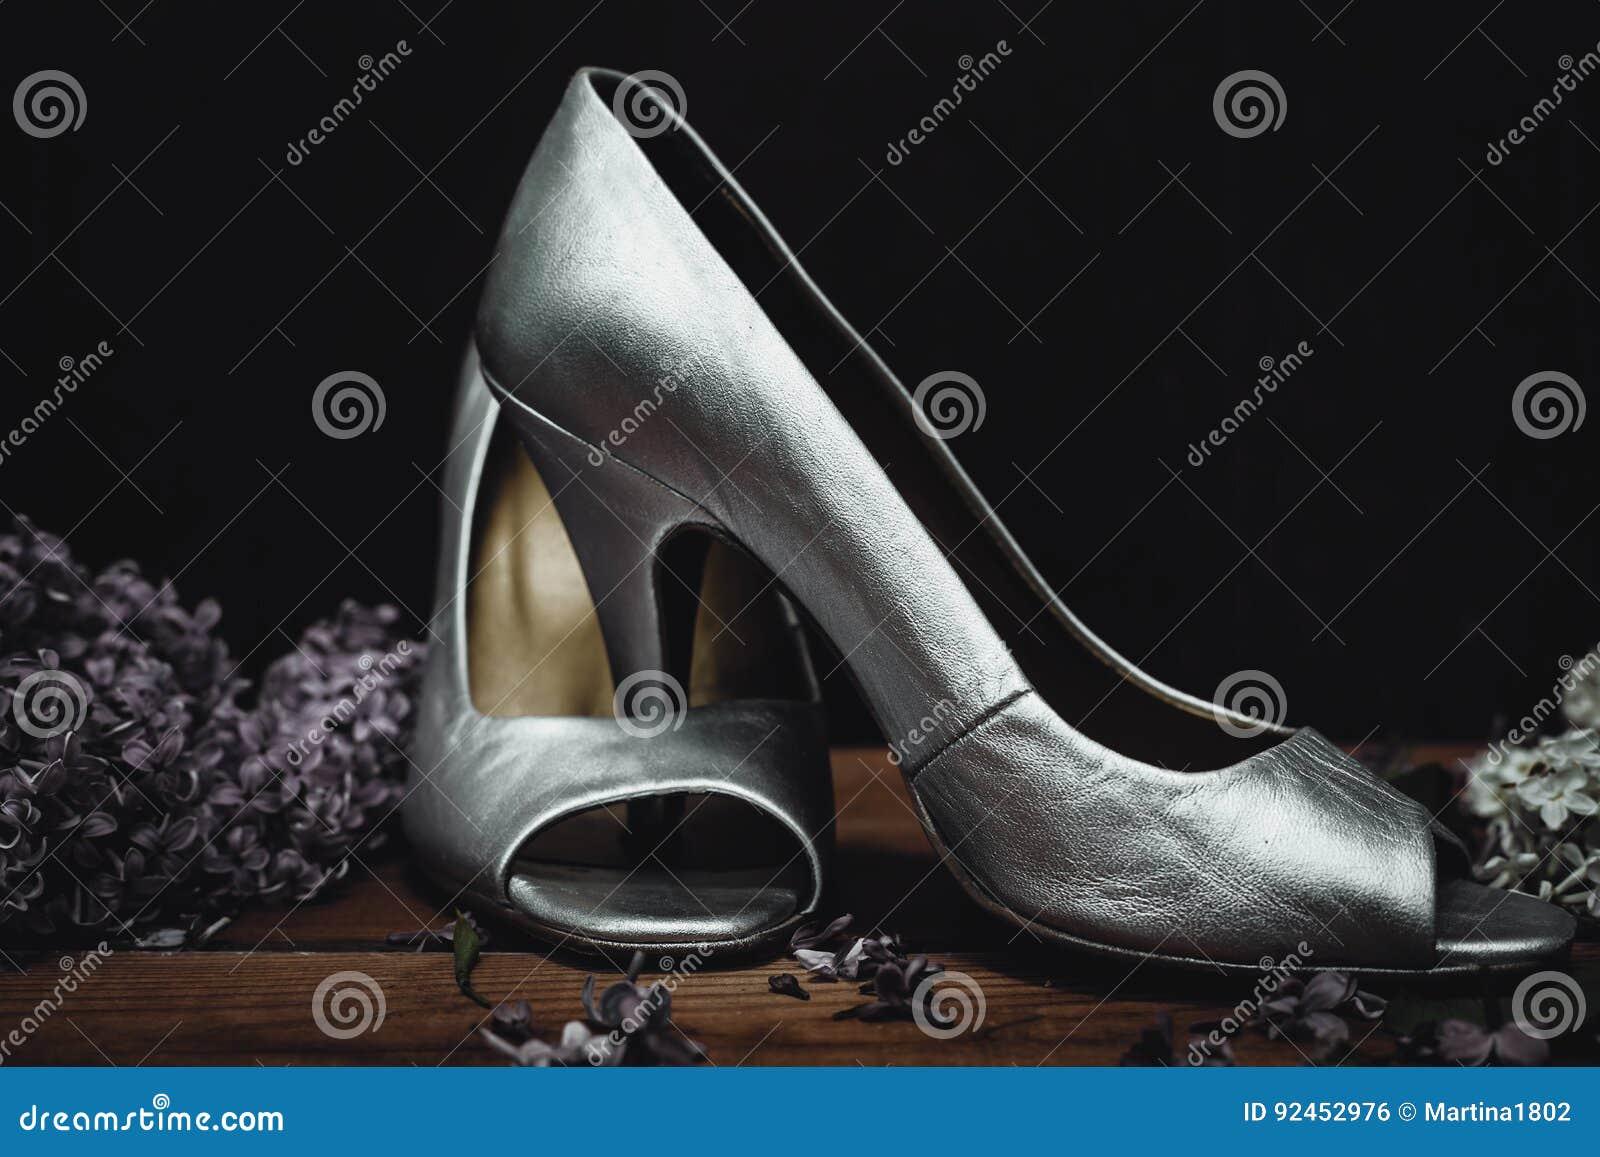 d82b214fc79 Ασημένια παπούτσια τακουνιών γαμήλιων παπουτσιών υψηλά Στοκ Εικόνες ...